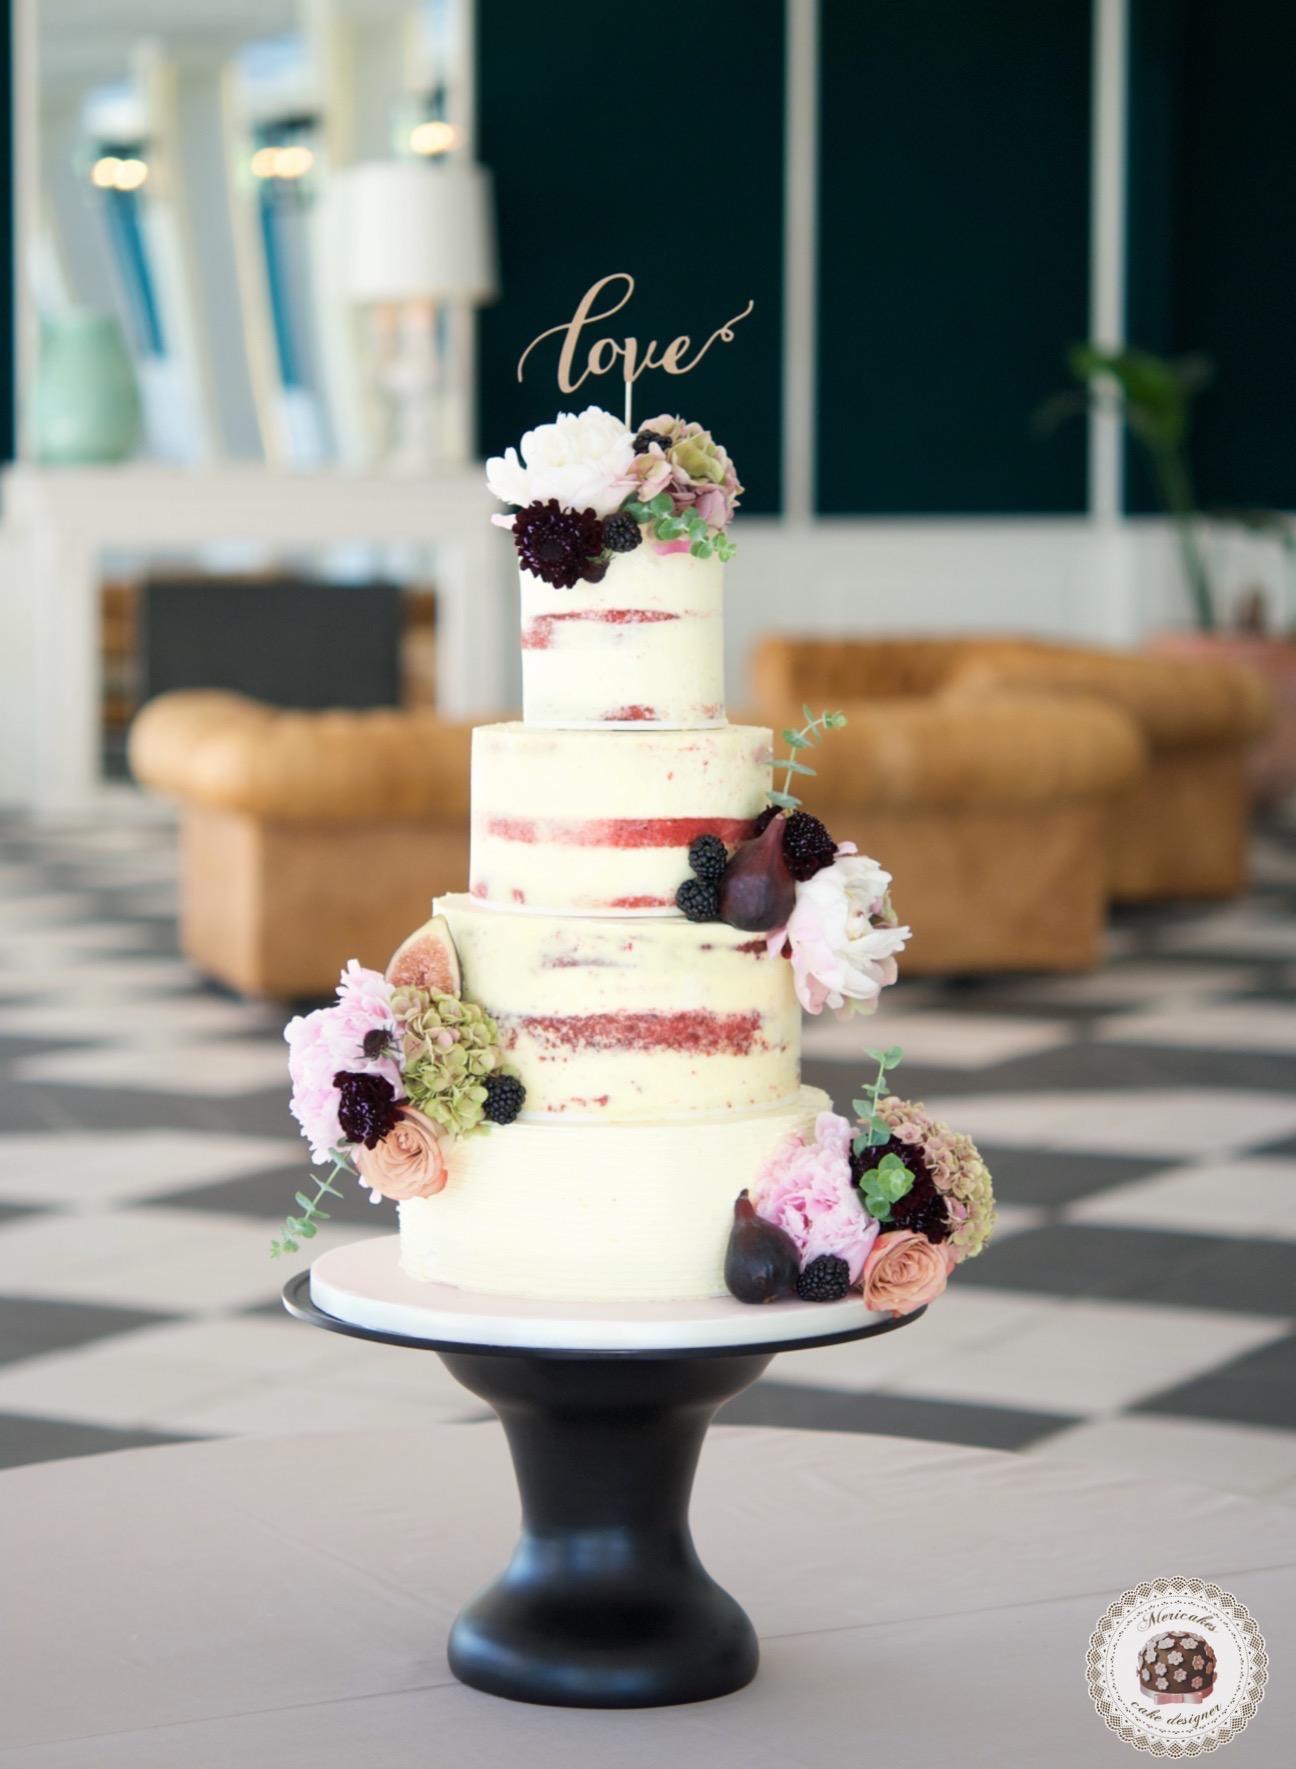 Semi naked cake, wedding cake, tarta de boda, red velvet, mericakes, esther conde catering, castell de sant marsal, flowers cake, peony, wedding cake topper, figs, blackberry, spain wedding